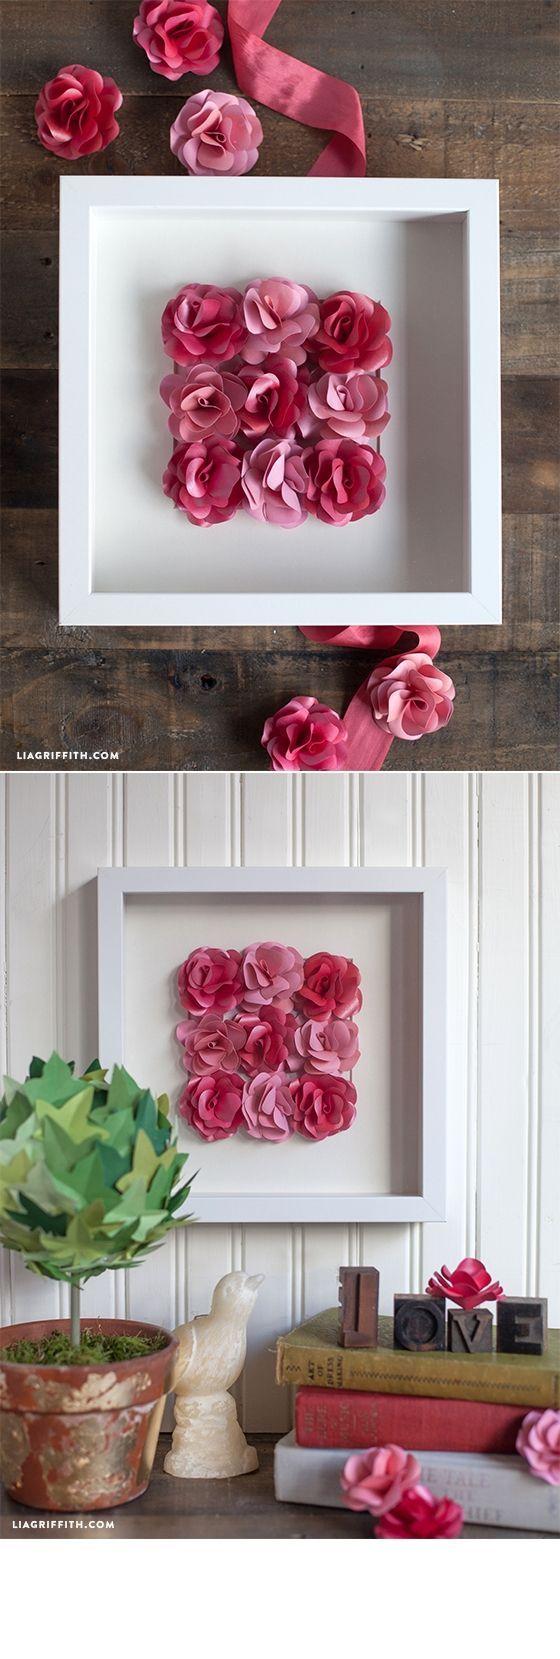 Cuadros para decorar baños modernos DIY